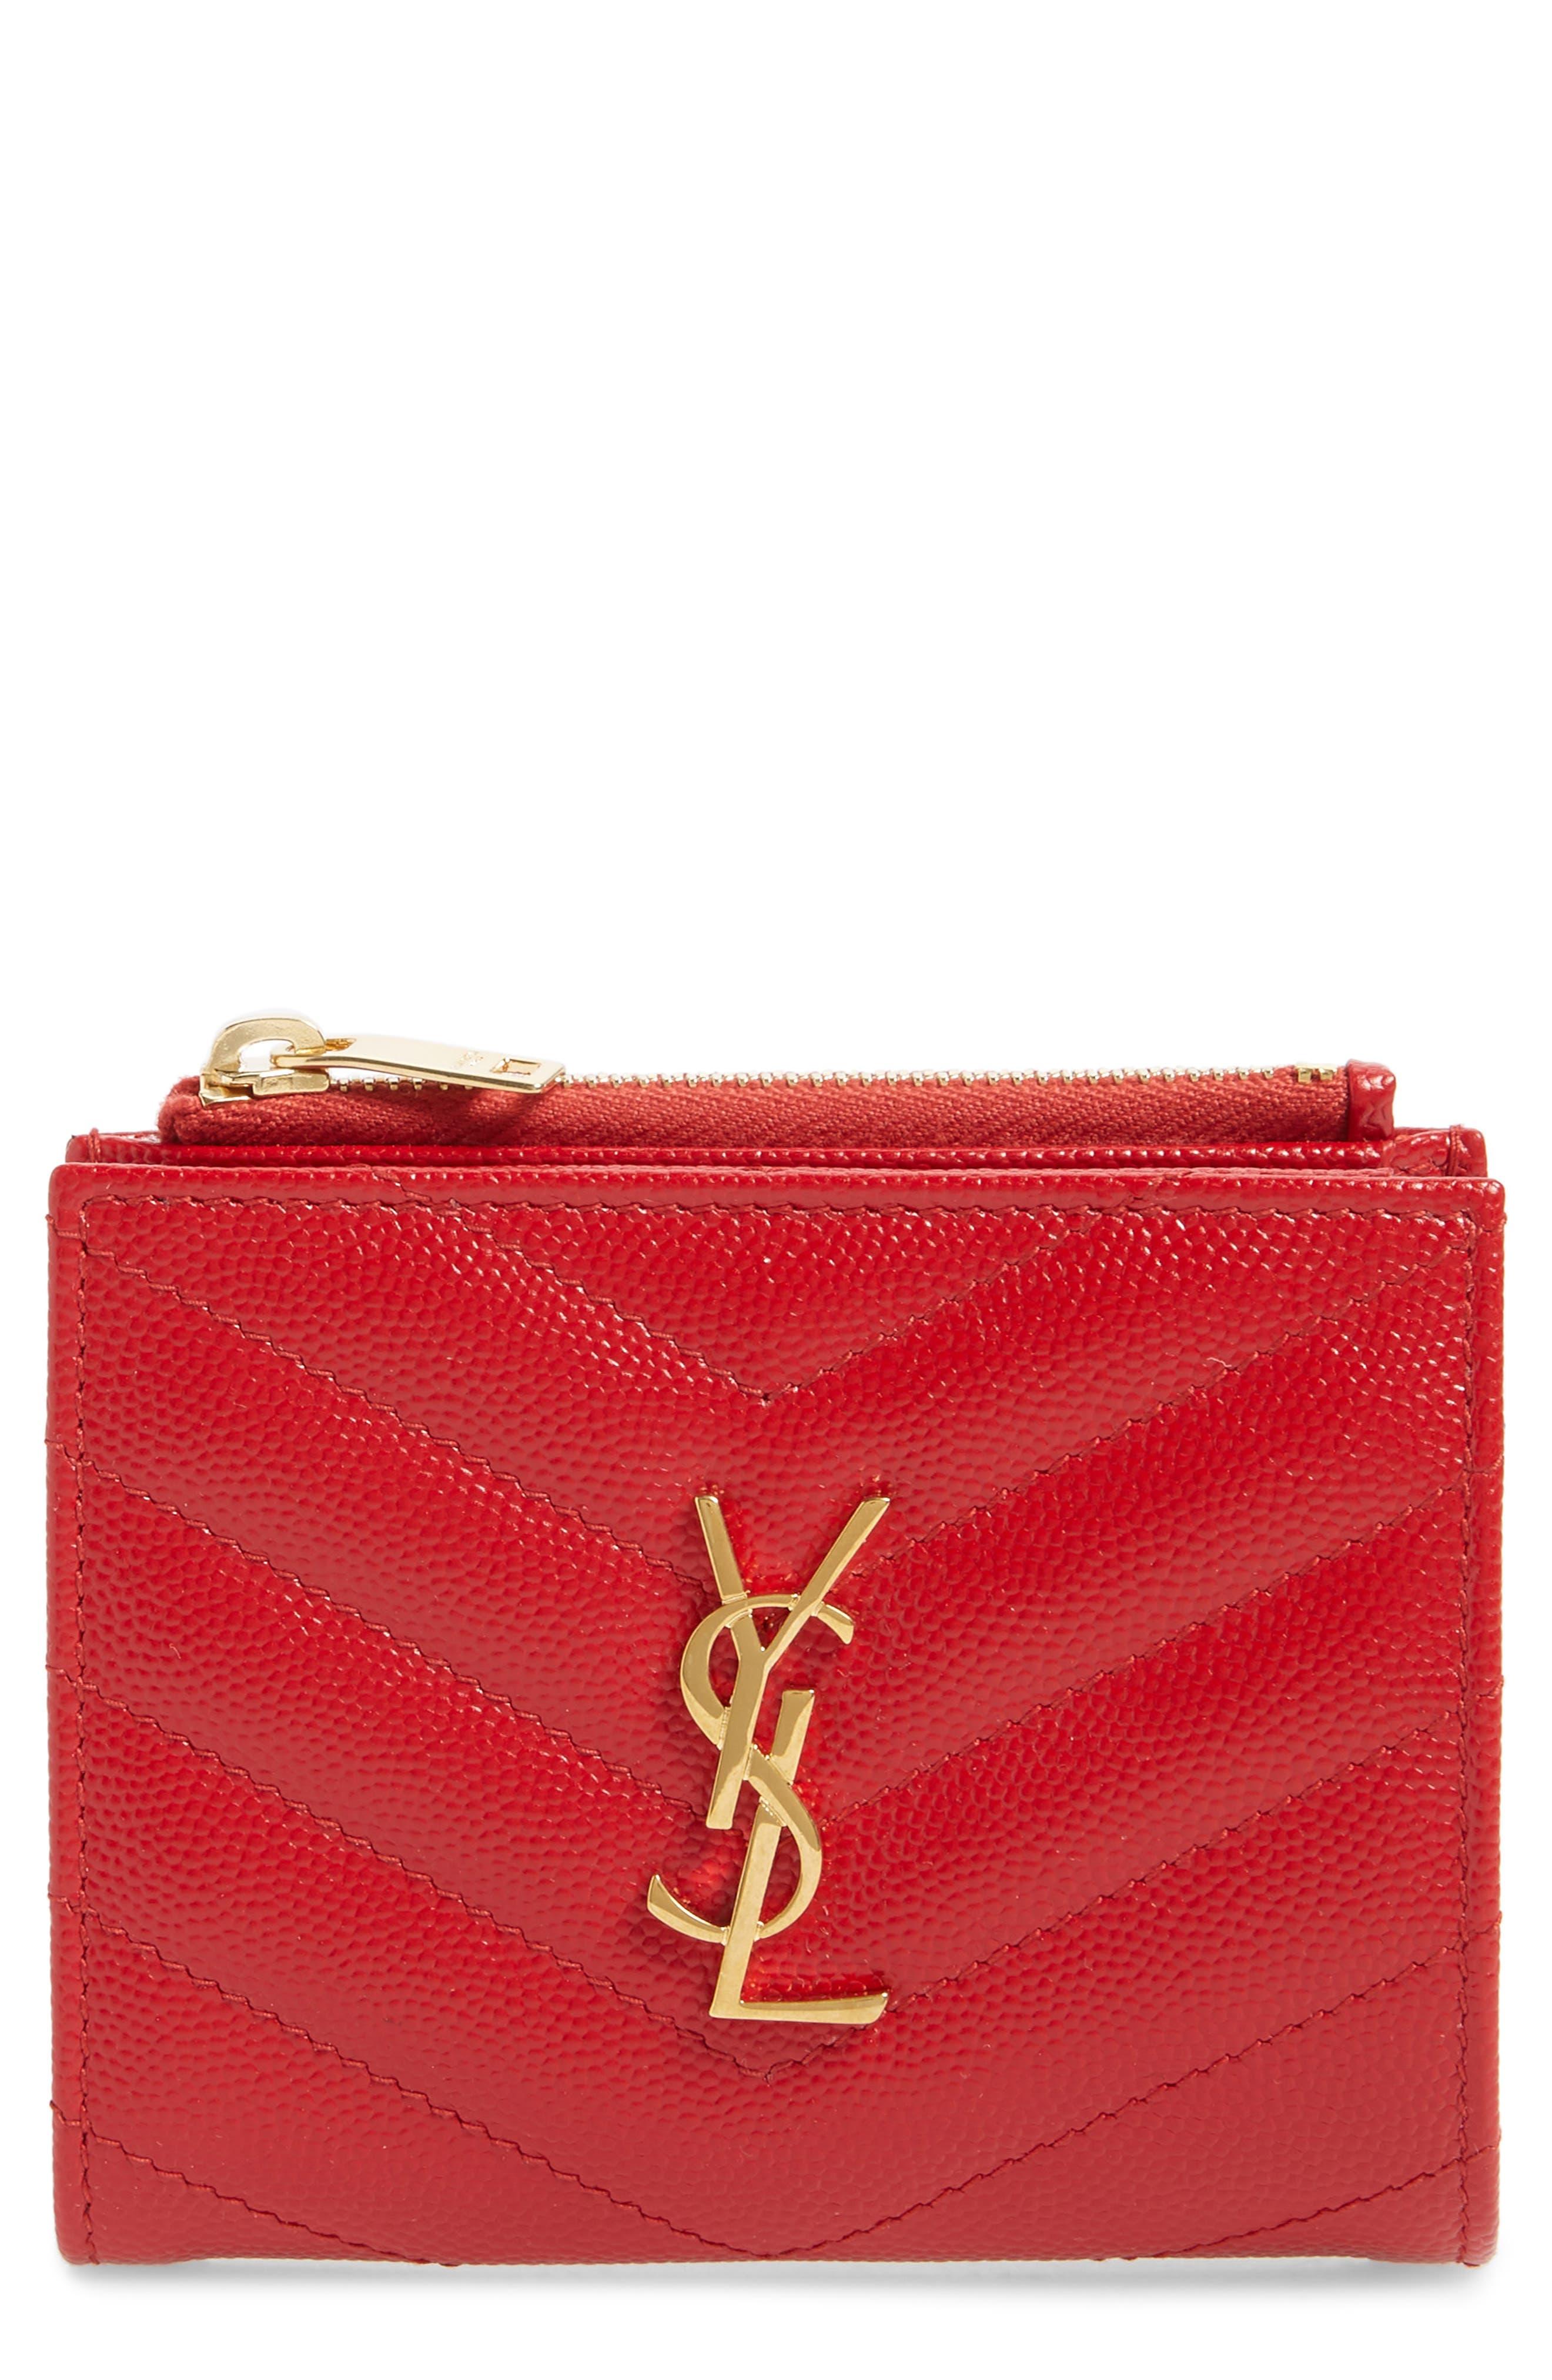 SAINT LAURENT Monogram Leather Card Case, Main, color, BANDANA RED